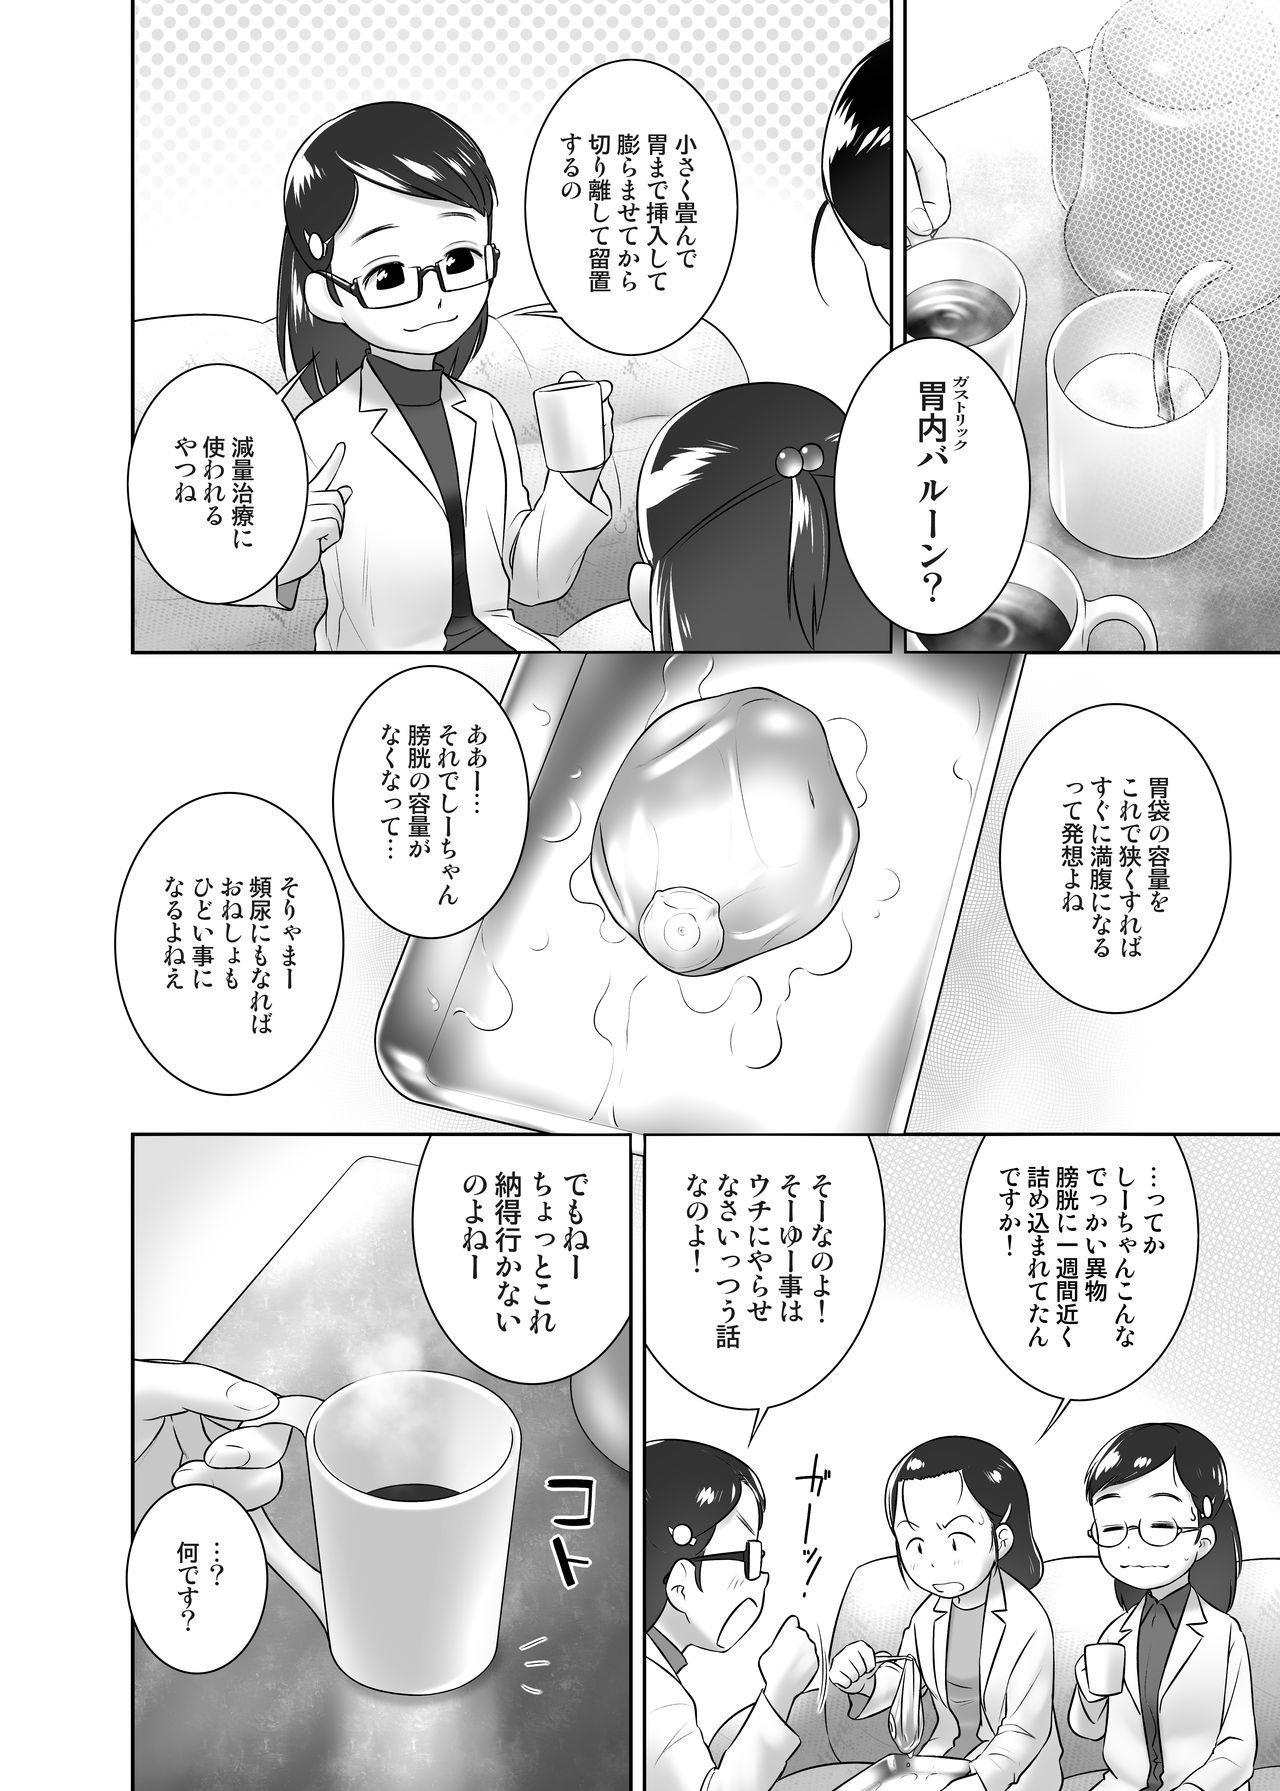 [Golden Tube (Ogu)] 3-sai kara no Oshikko Sensei-V [Decensored] [Digital] 6